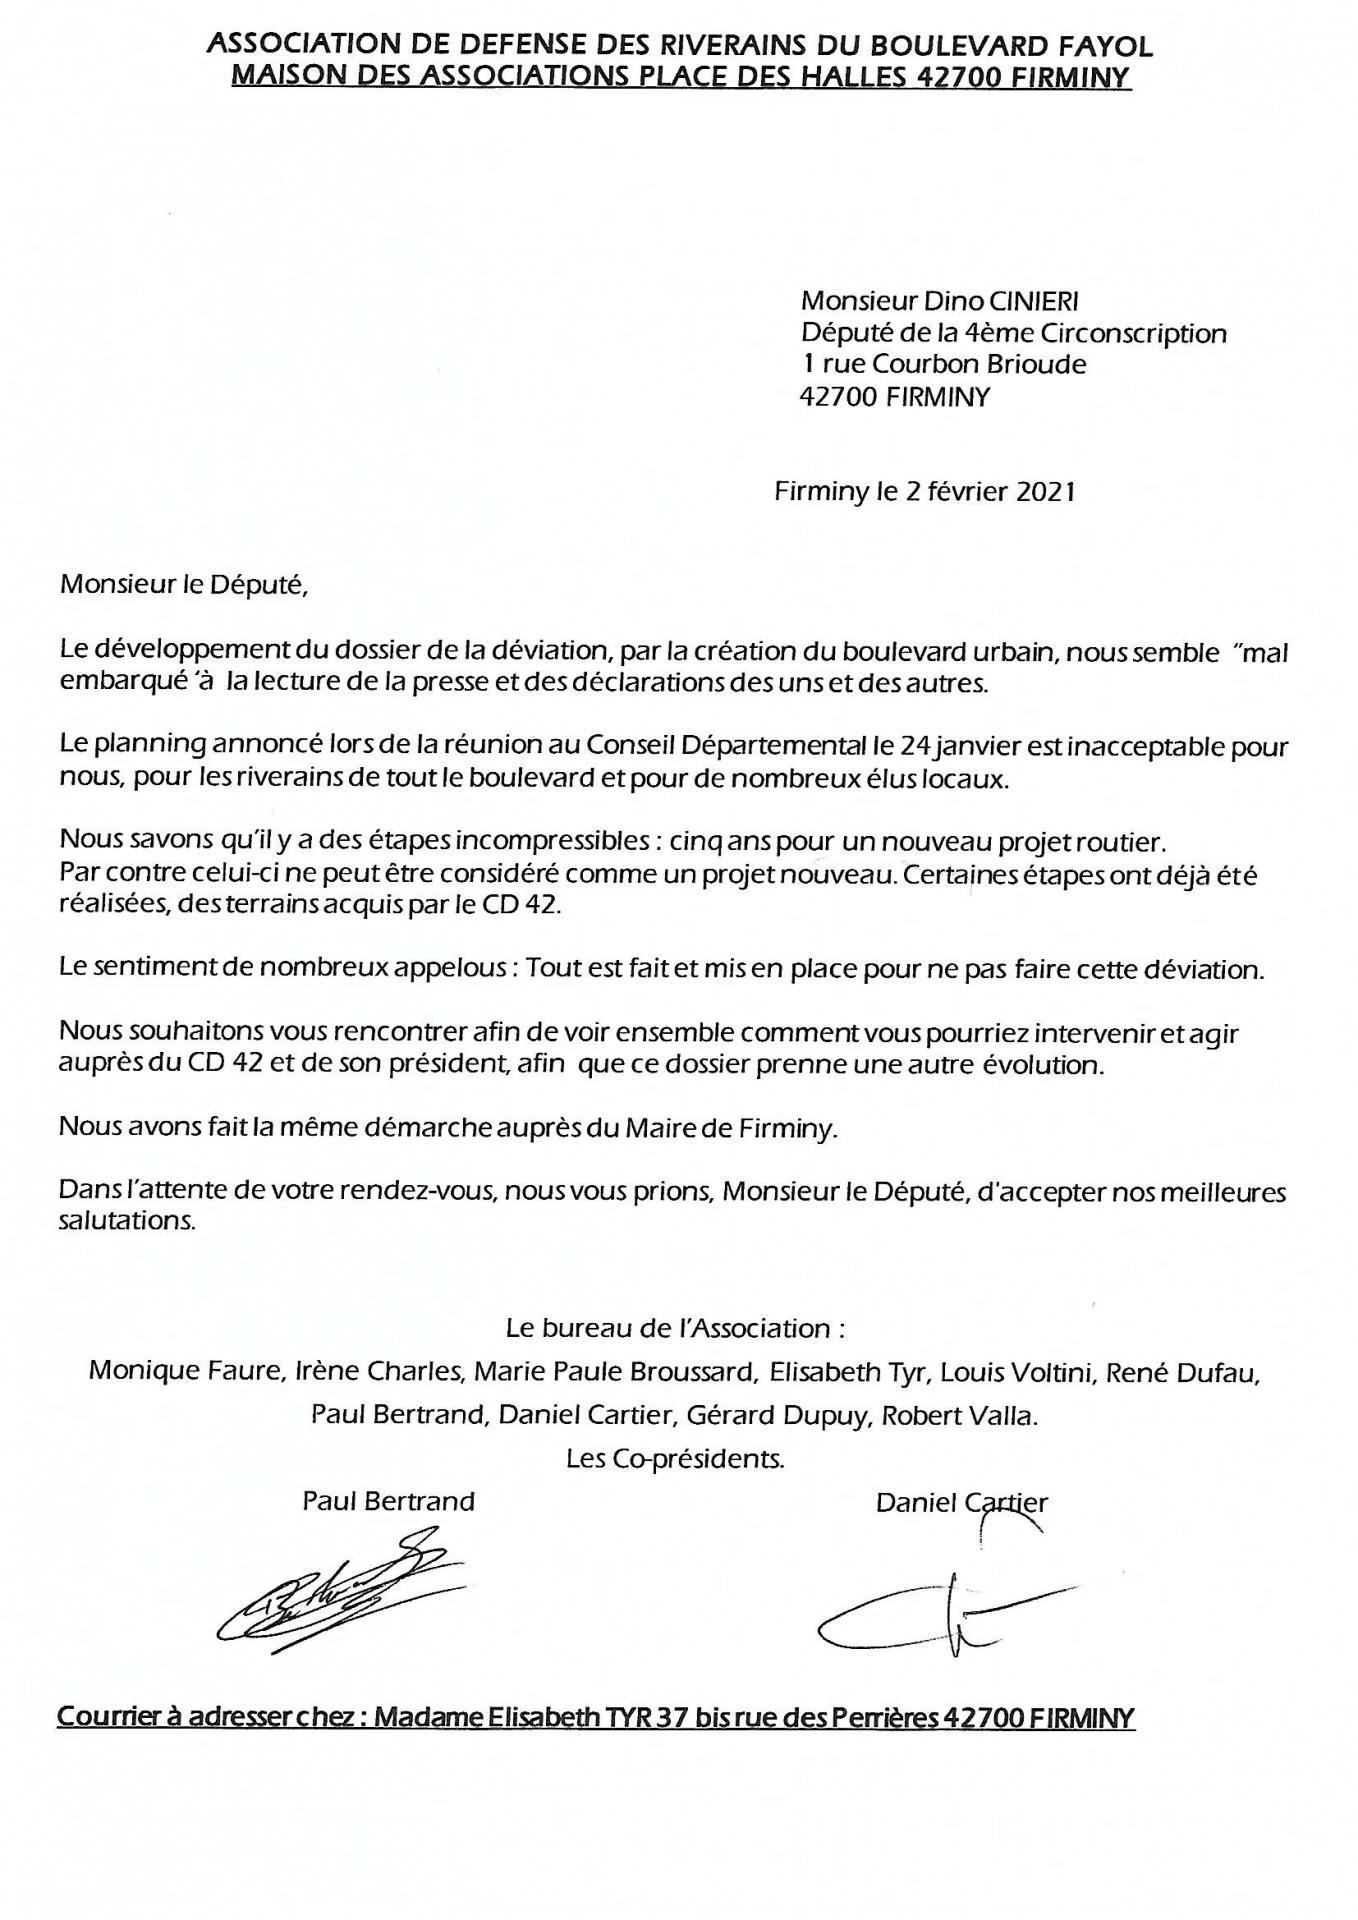 Lettre au Députe D. Cinieri 02 02 2021 JPG